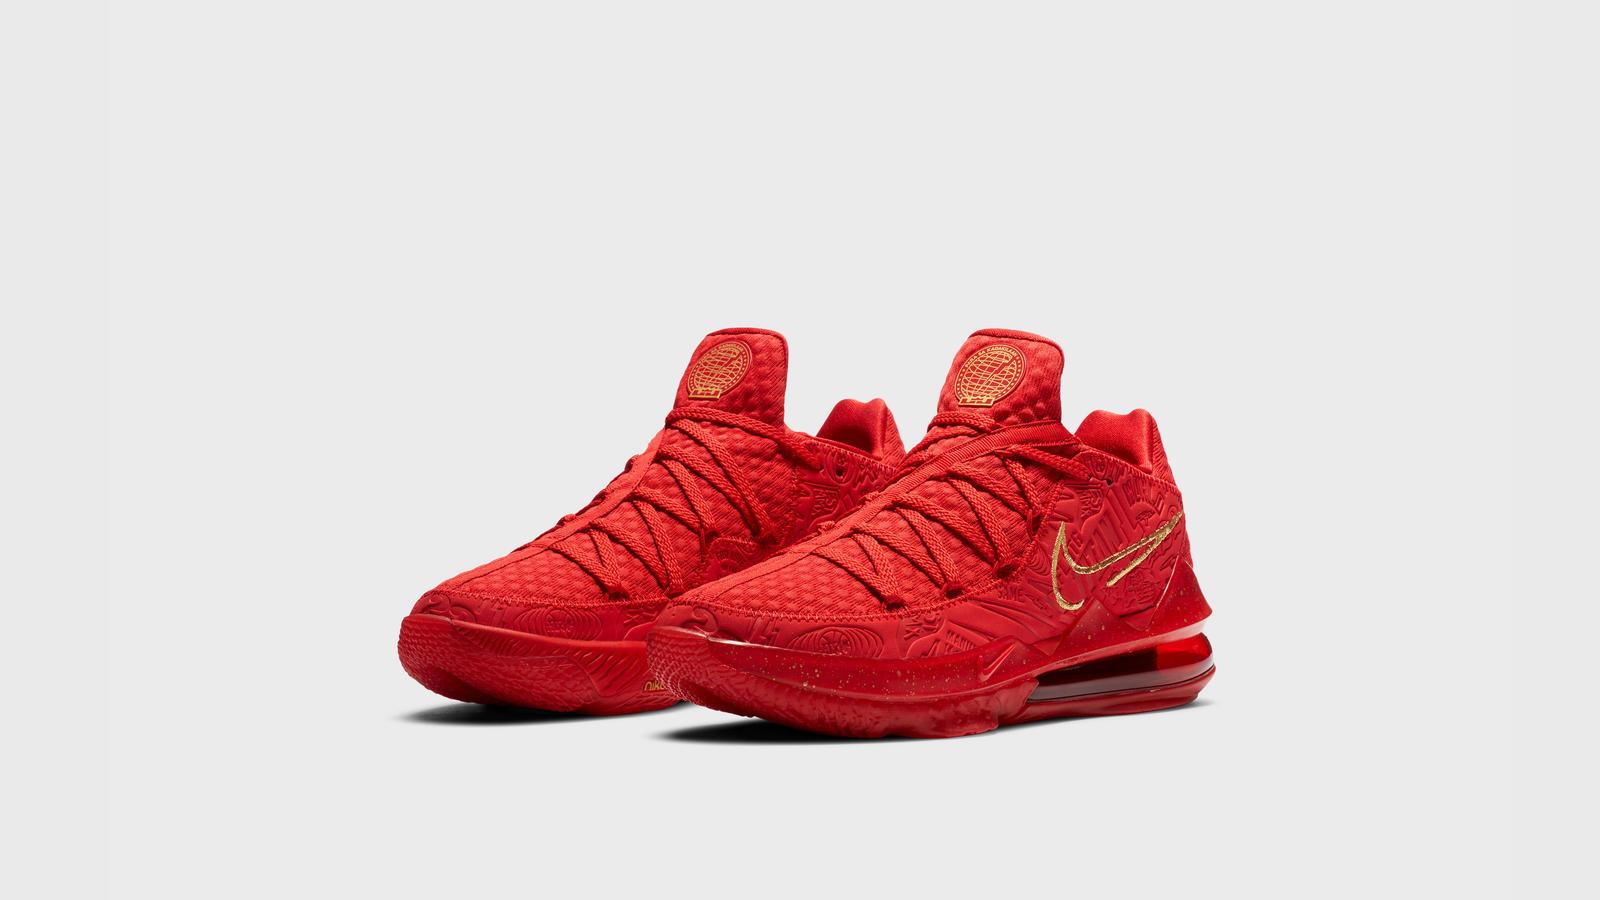 Nike Basketball Footwear NBA and WNBA Return 2020 14